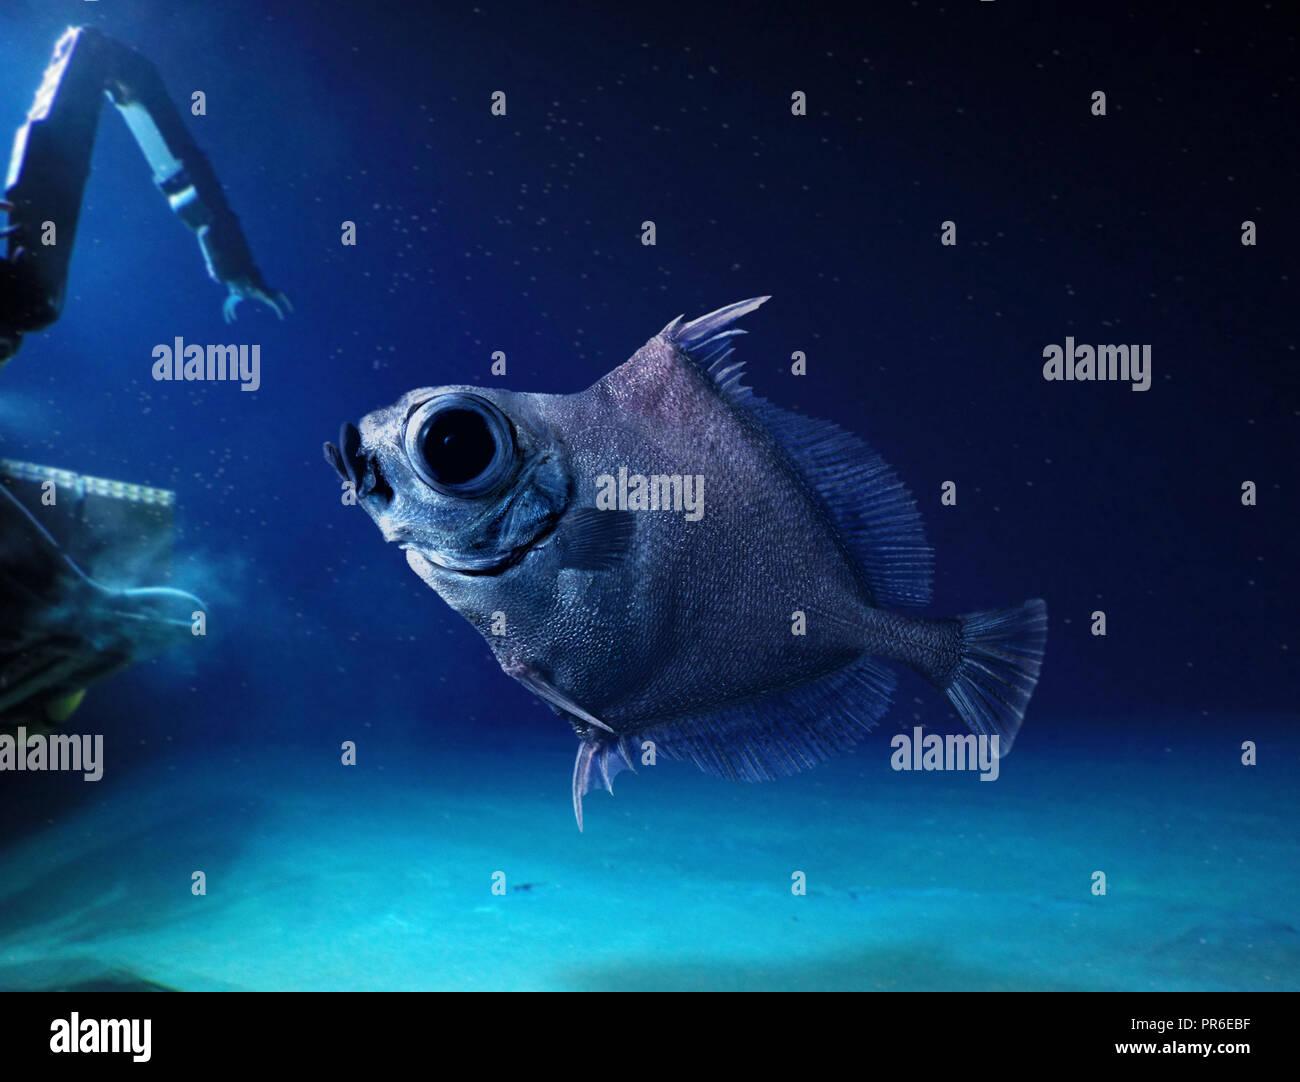 Neocyttus helgae, Falsche boarfish, Schwimmen in der Nähe von Tauchpumpen Fahrzeug. Fische, die in der Tiefsee leben zwischen 900 und 1800 m Tiefe in der Nähe von Untiefen. Stockbild